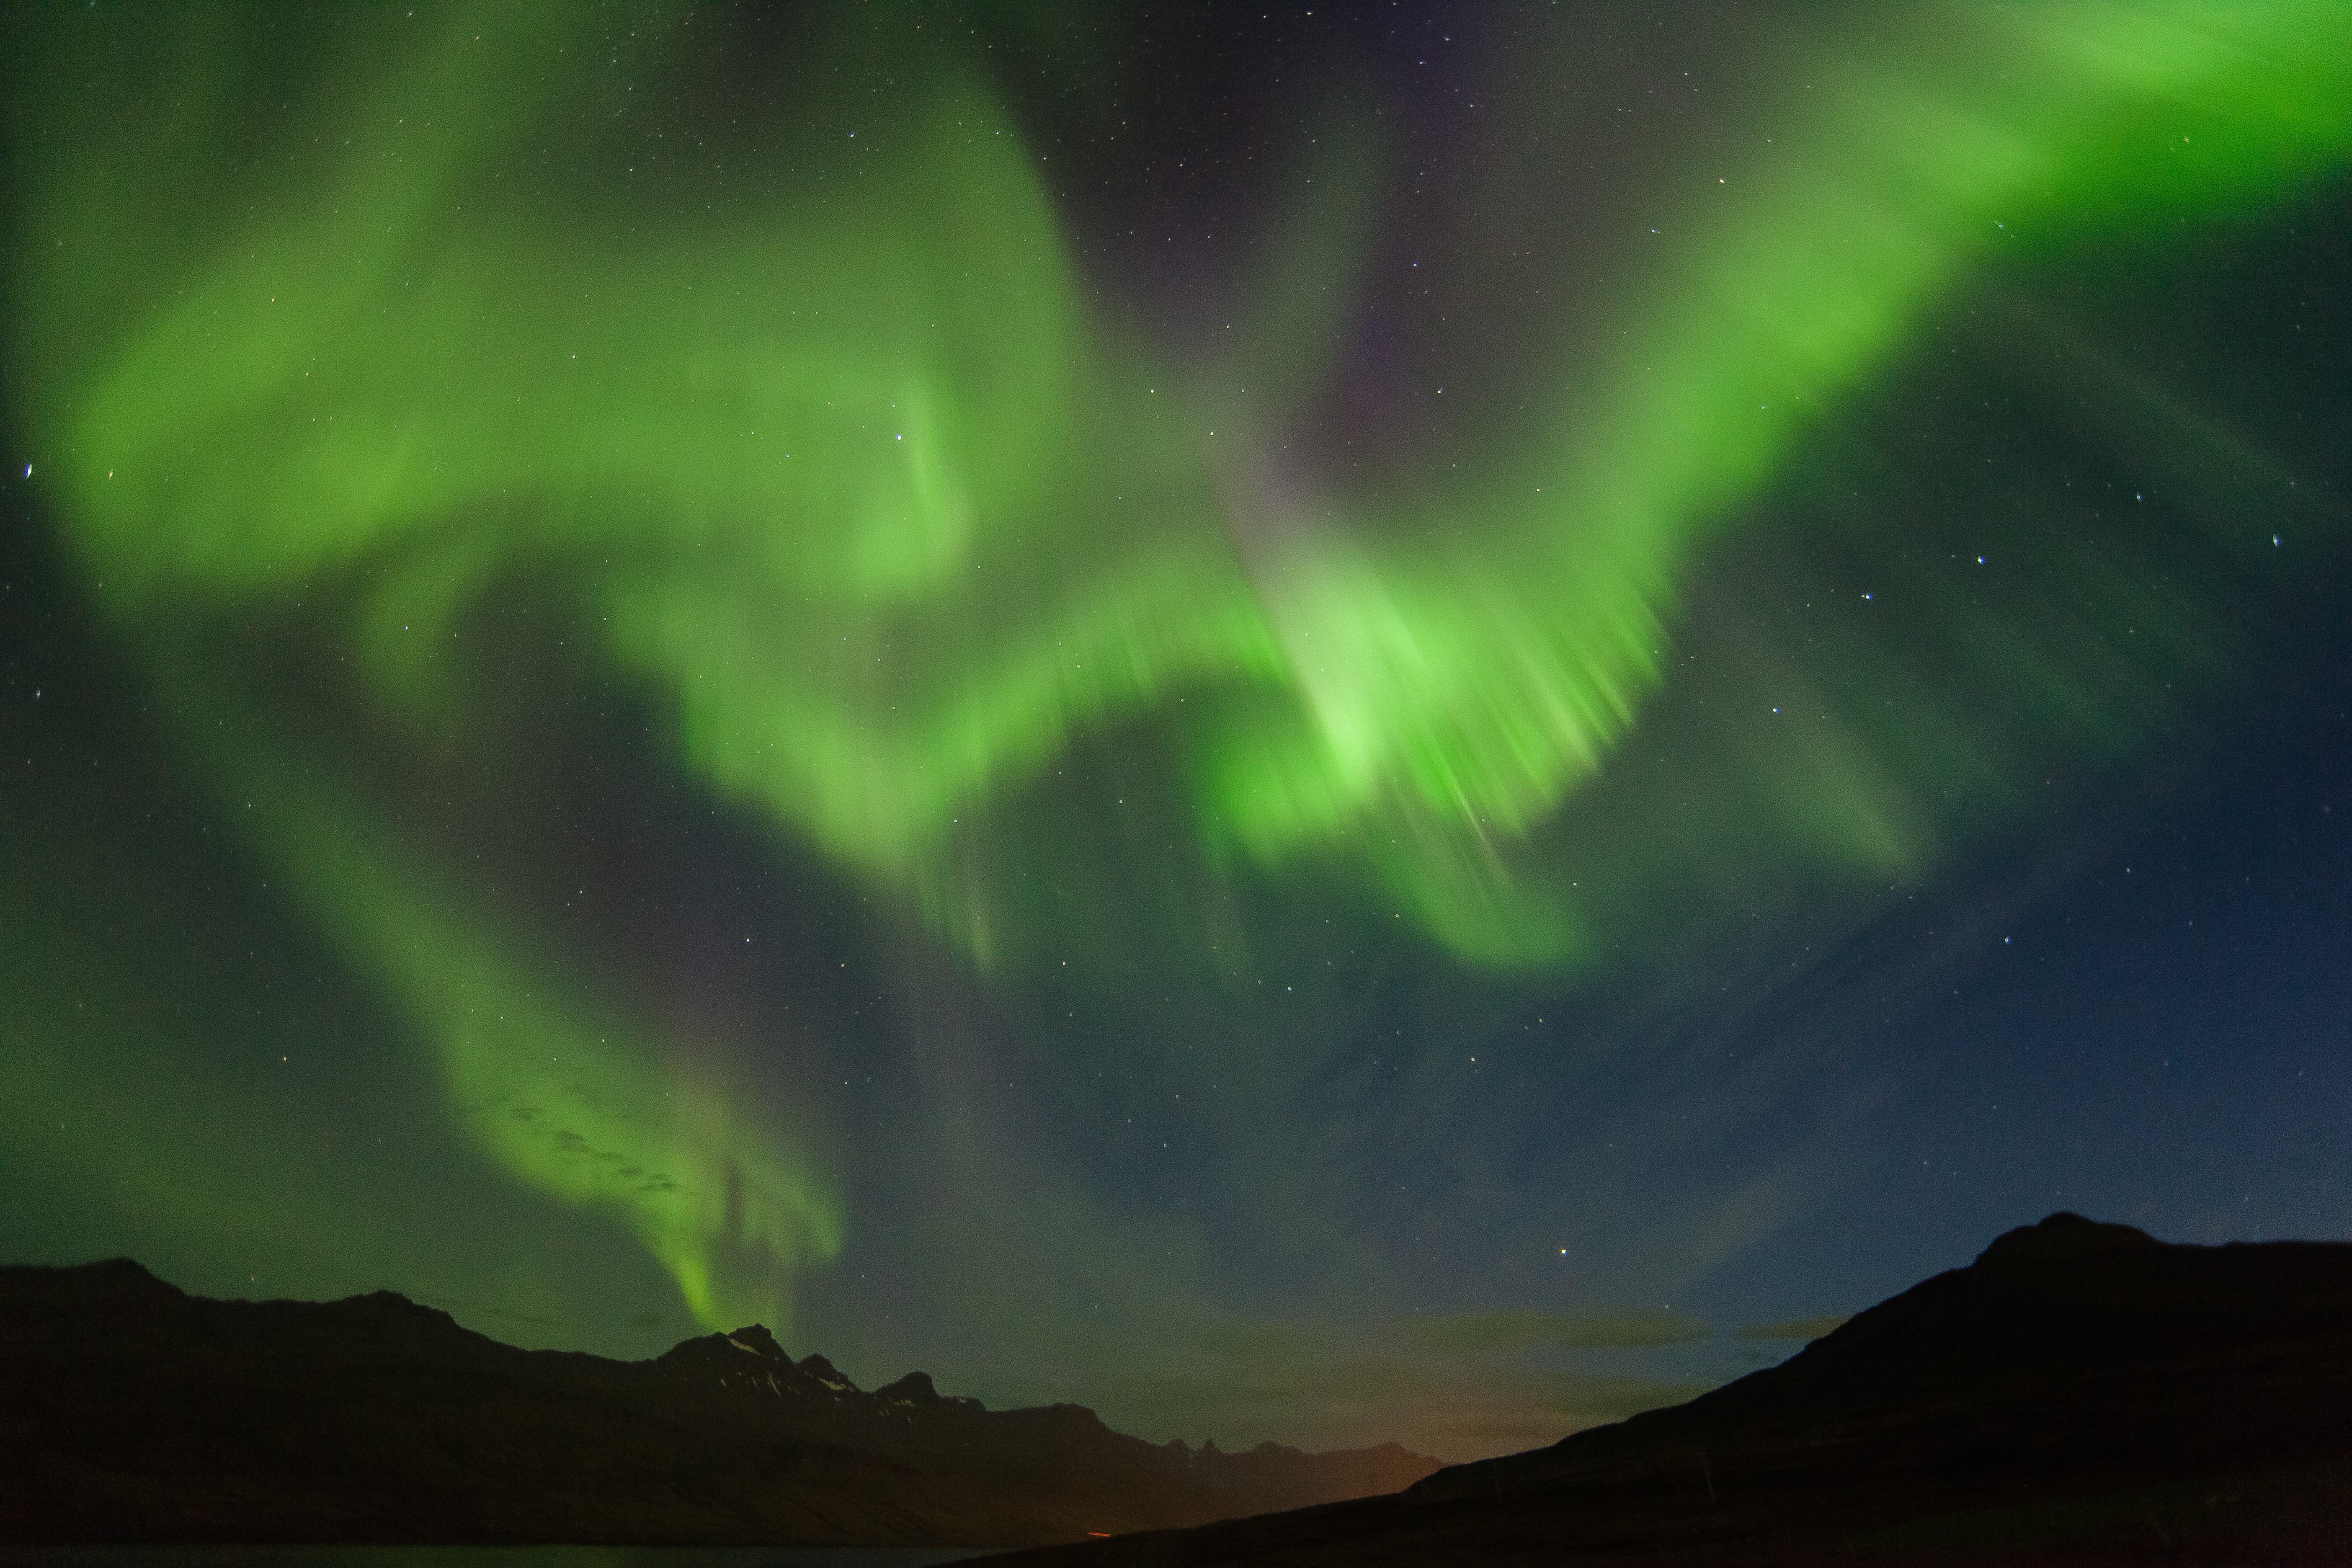 冰岛冬季常见的北极光美景